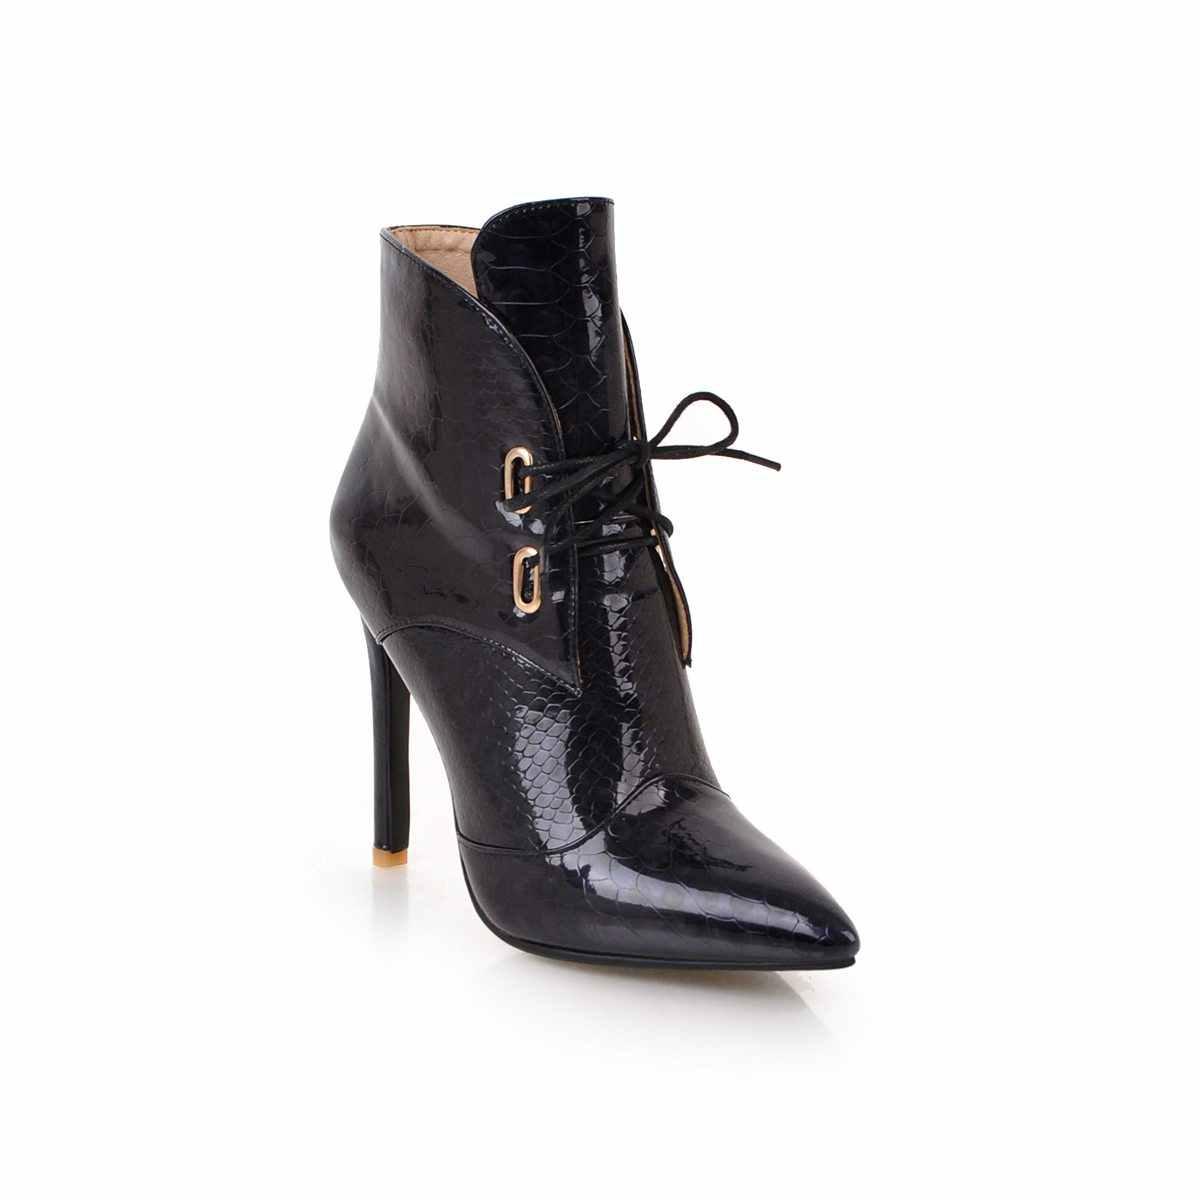 Womens Mùa Xuân/Mùa Thu Thời Trang 2019 Đùi Cao Khởi Động Botas Mujer Invierno Sang Trọng Khởi Động của Phụ Nữ Giày Chân Nhọn Mỏng gót